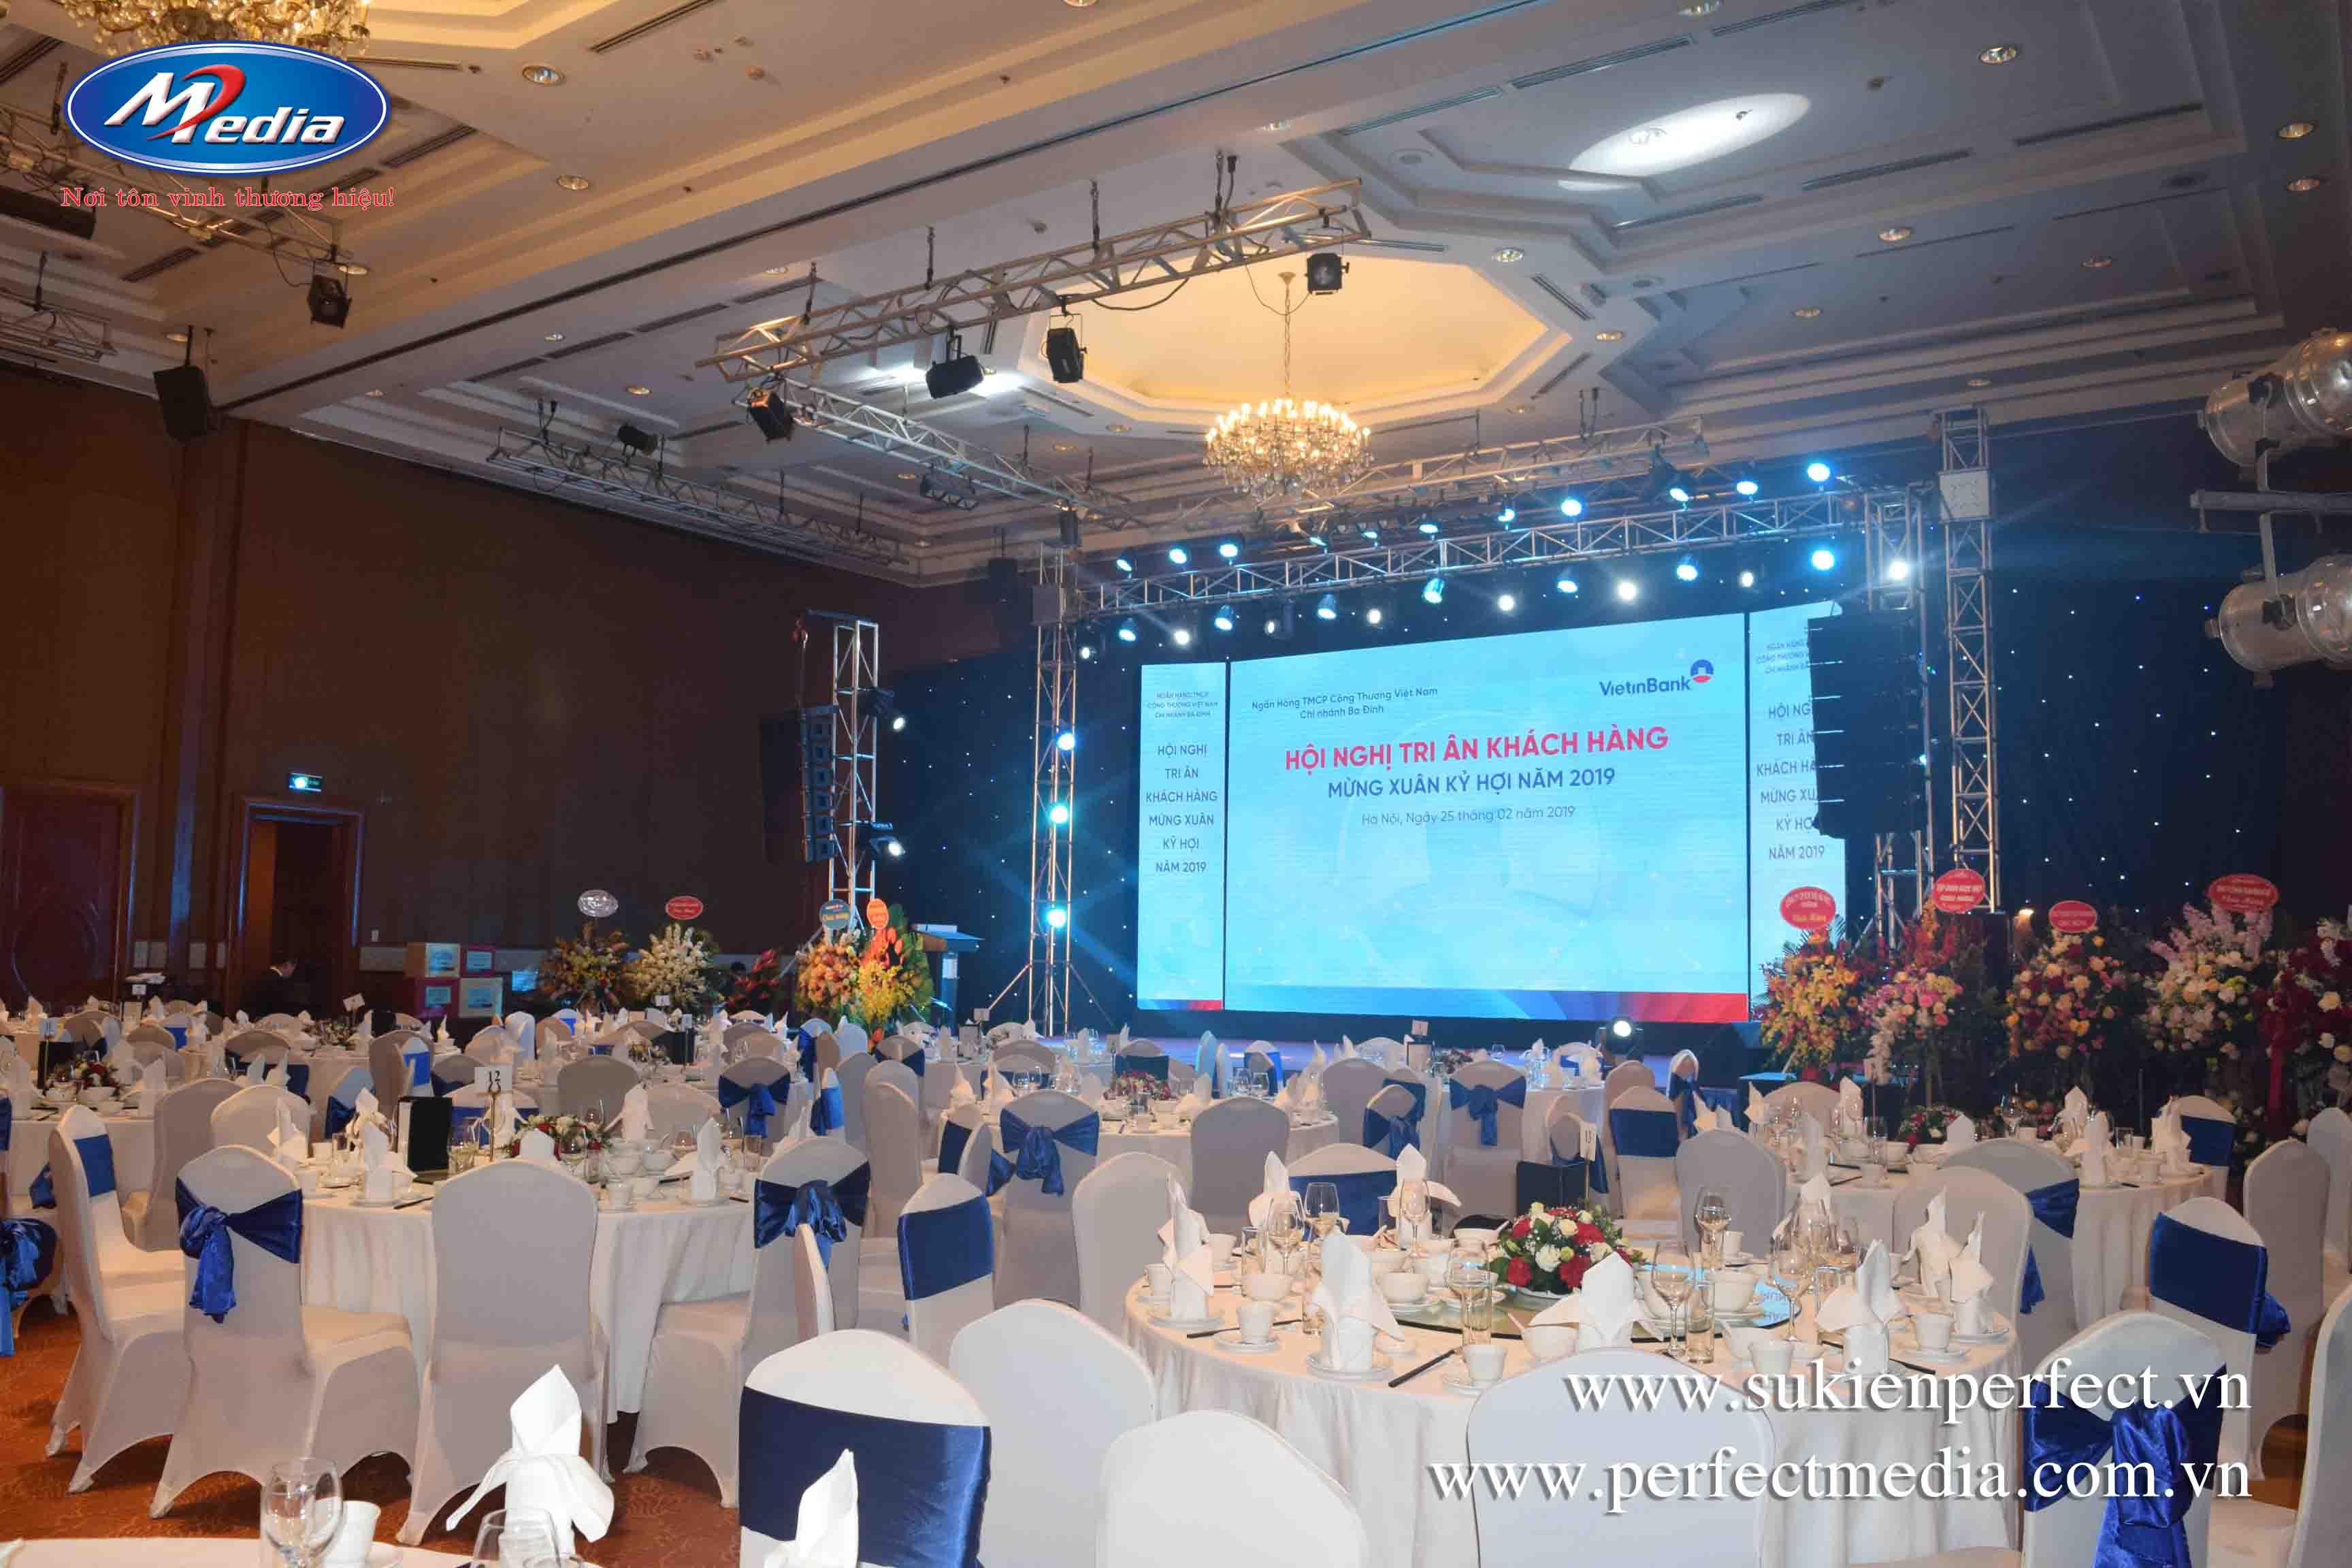 tổ chức hội nghị tri ân khách hàng tại Bắc Ninh